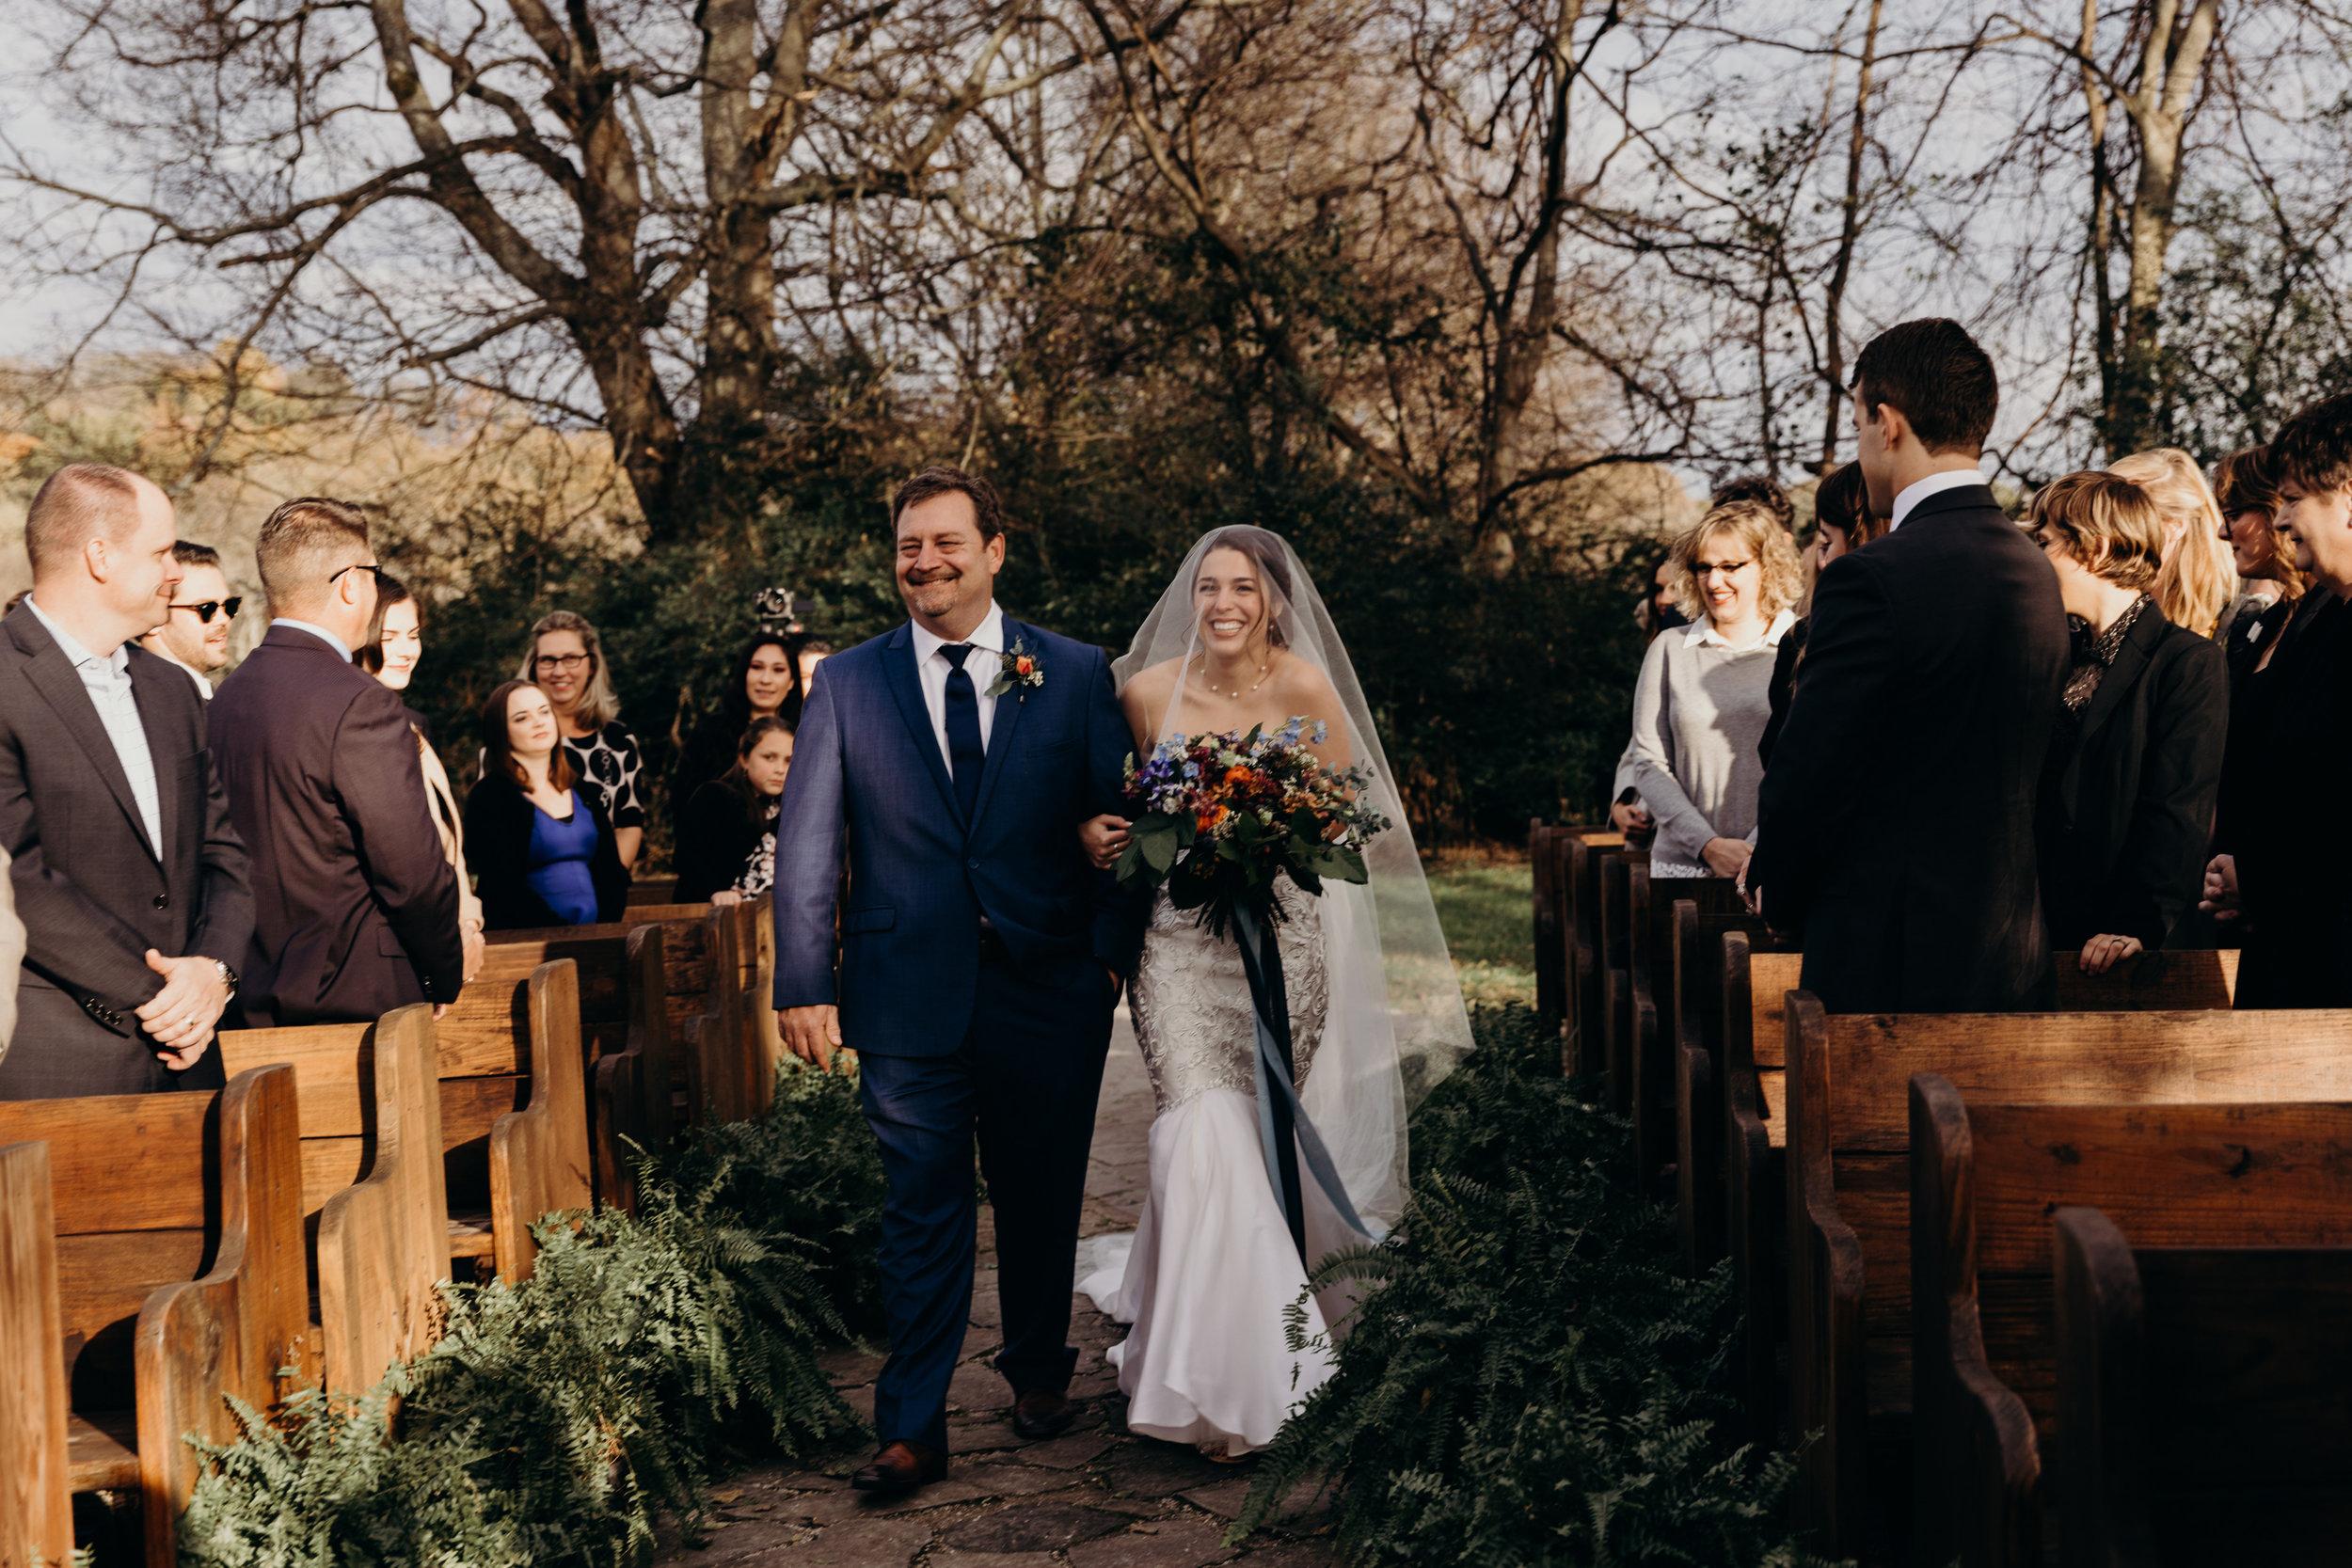 464-ltw-morgan-adam-wedding.jpg